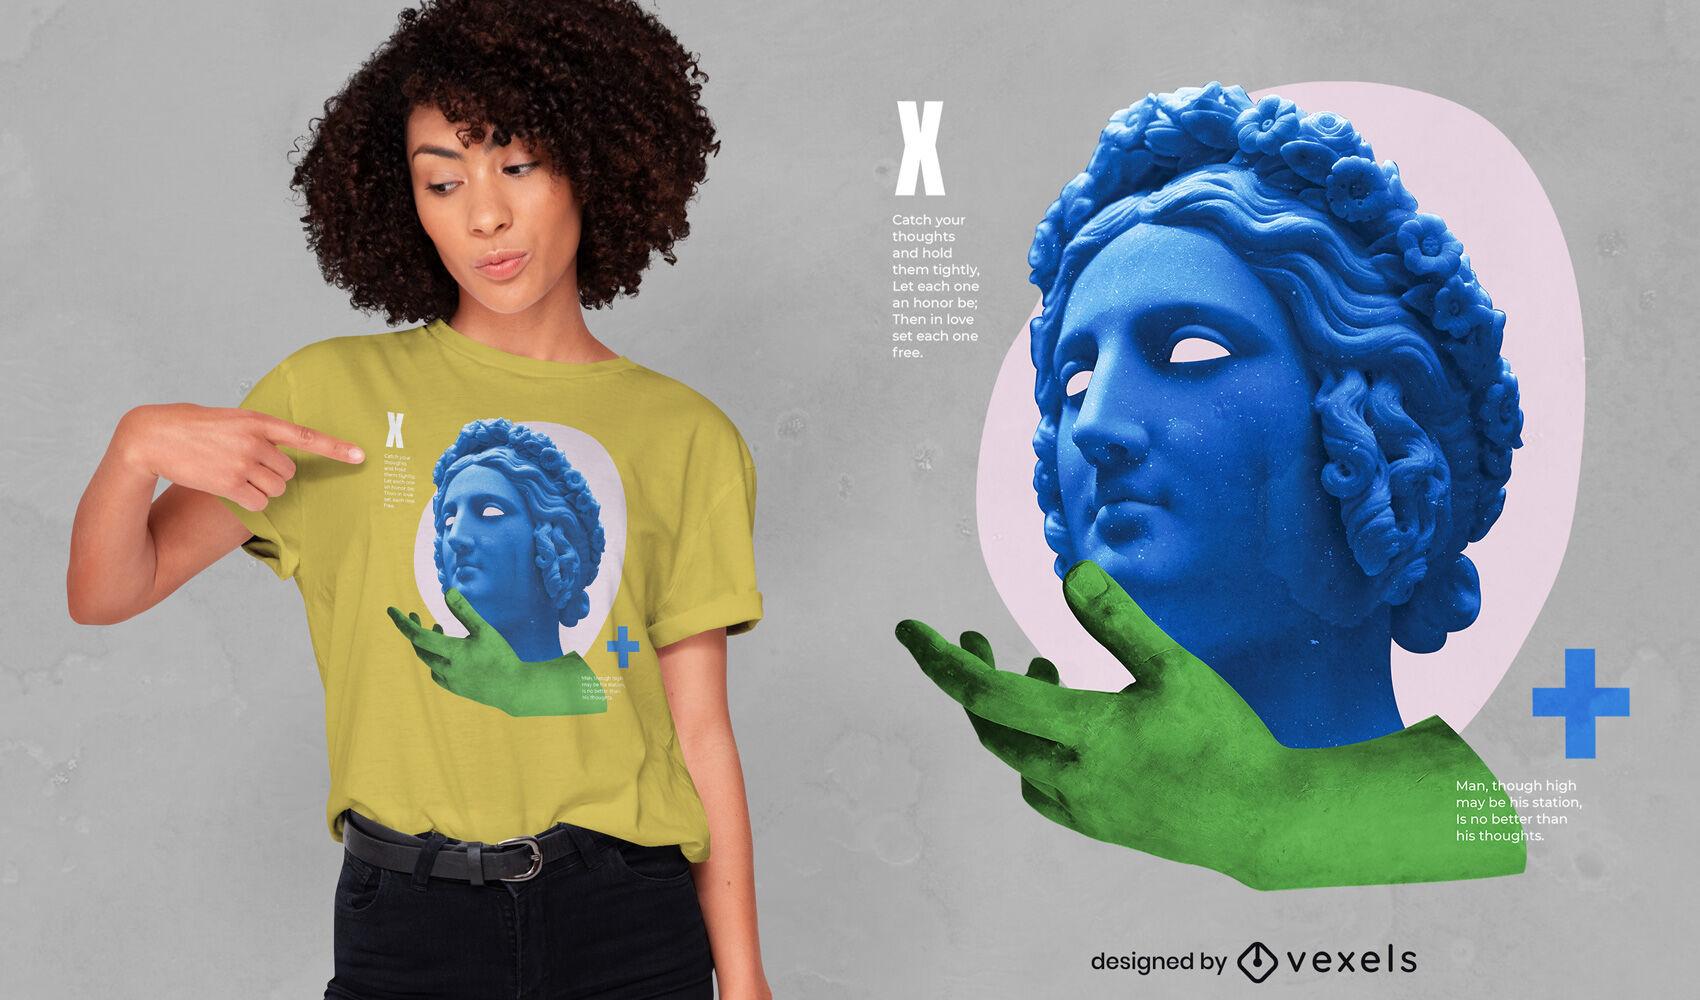 Estatua psicod?lica y dise?o de camiseta psd de mano.